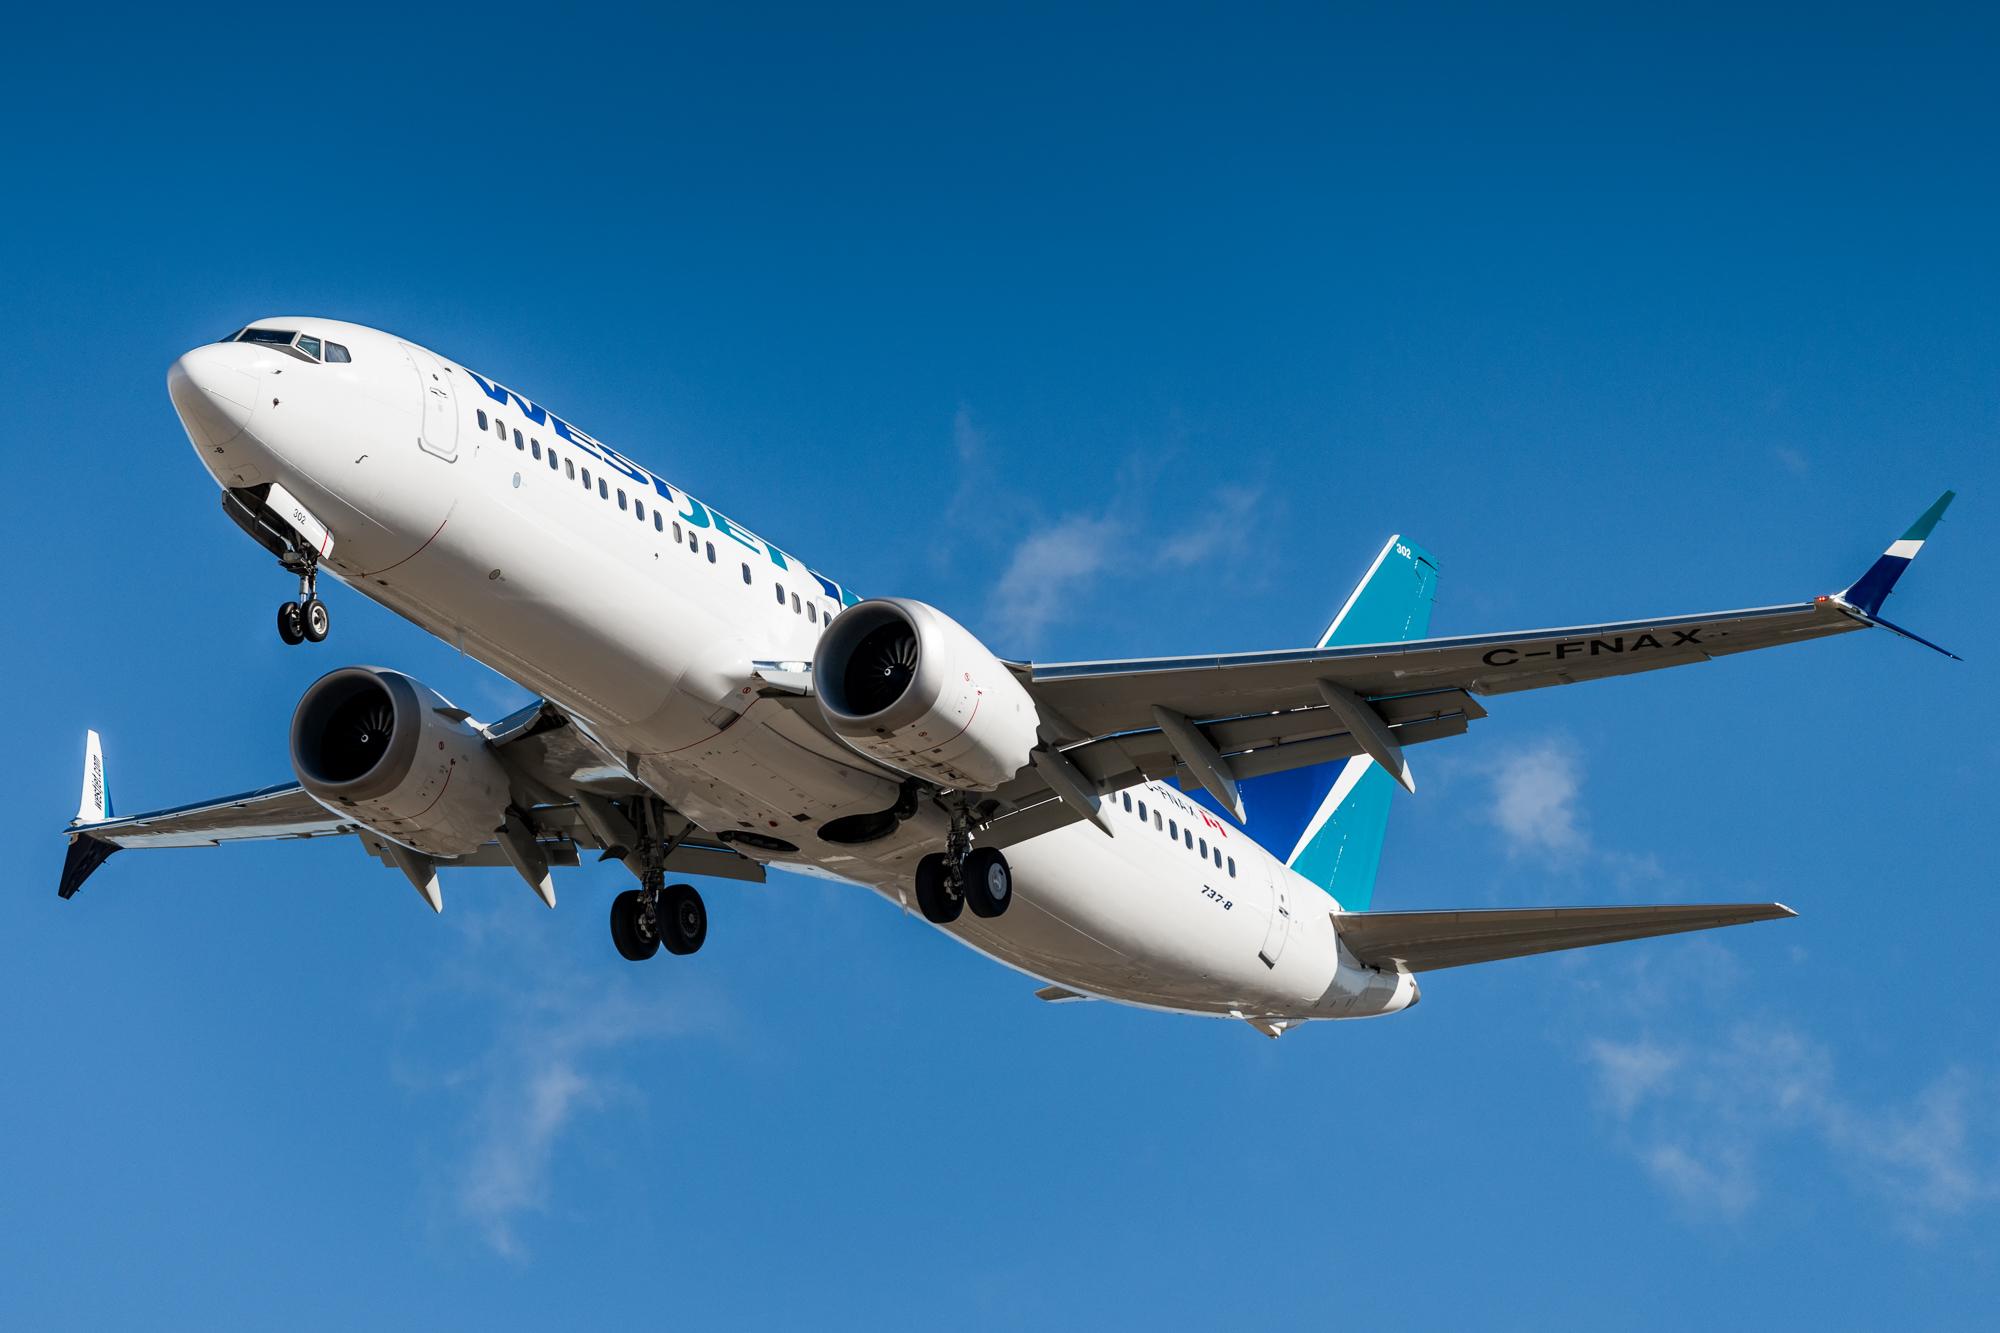 波音:737MAX发现新安全隐患